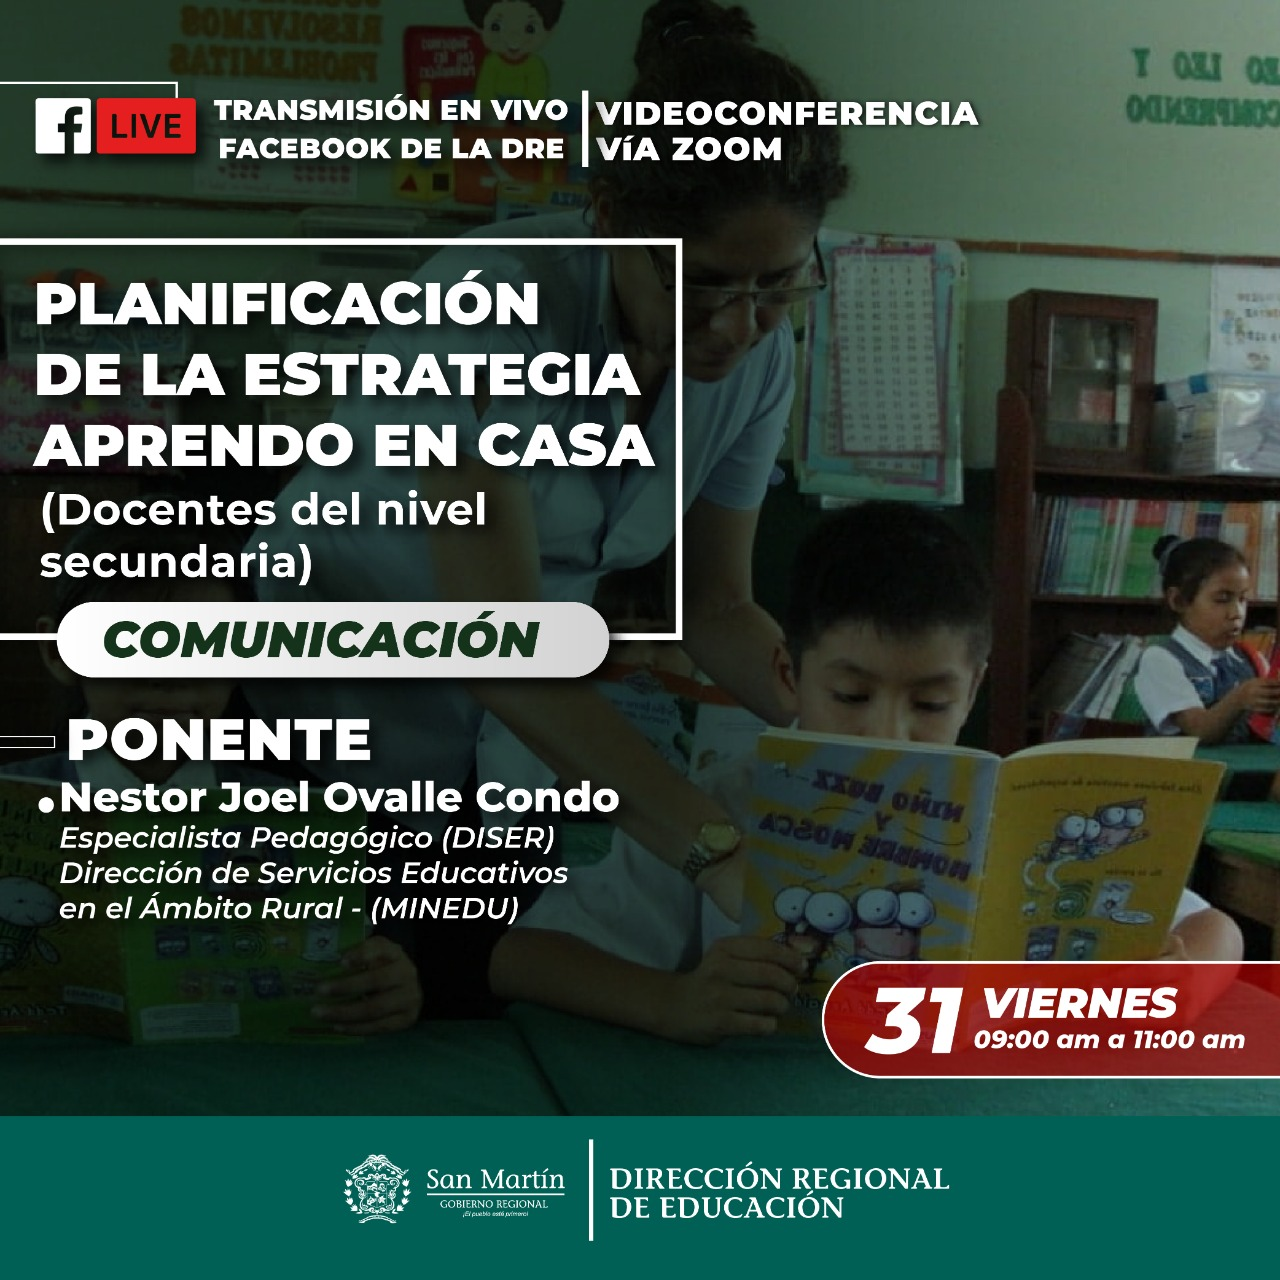 VIERNES 31 DE JULIO, CONTINUAMOS CON NUESTRAS CAPACITACIONES A CARGO DE ESPECIALISTAS DEL MINISTERIO DE EDUCACIÓN COMUNICACIÓN ÓN